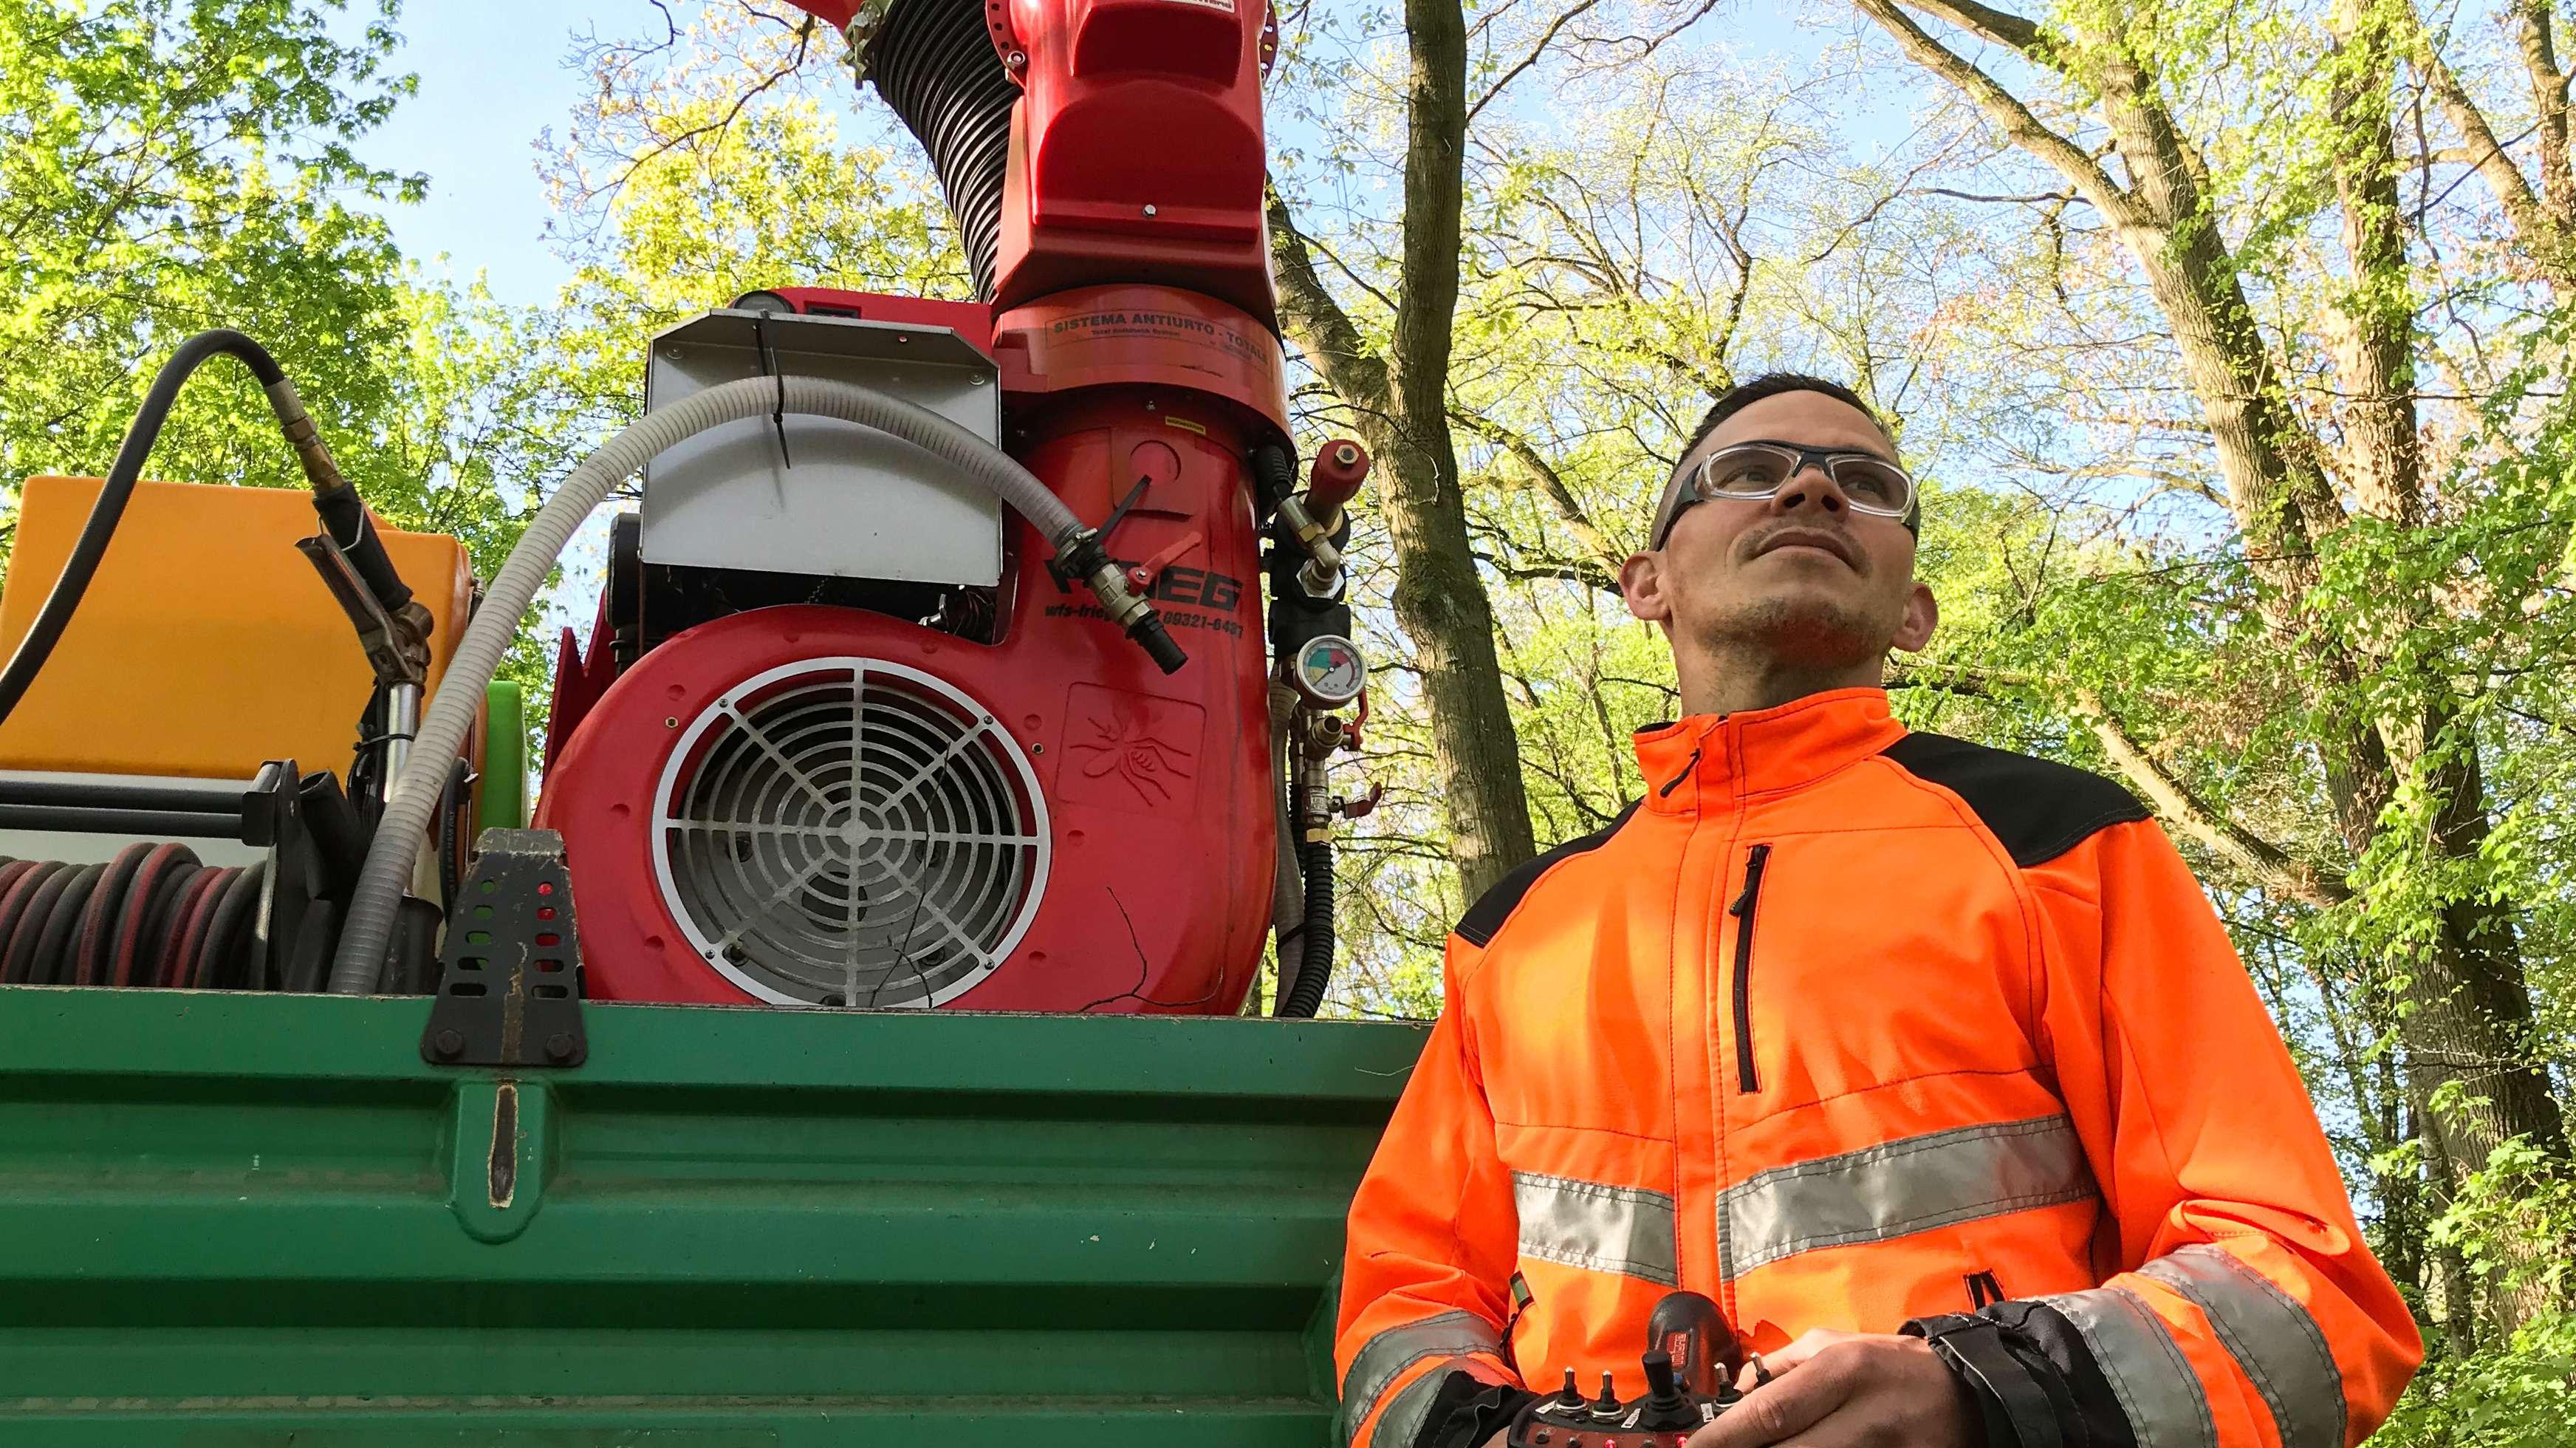 Mitarbeiter der Stadt Bamberg spritzt Eichenprozessionsspinner-Gift